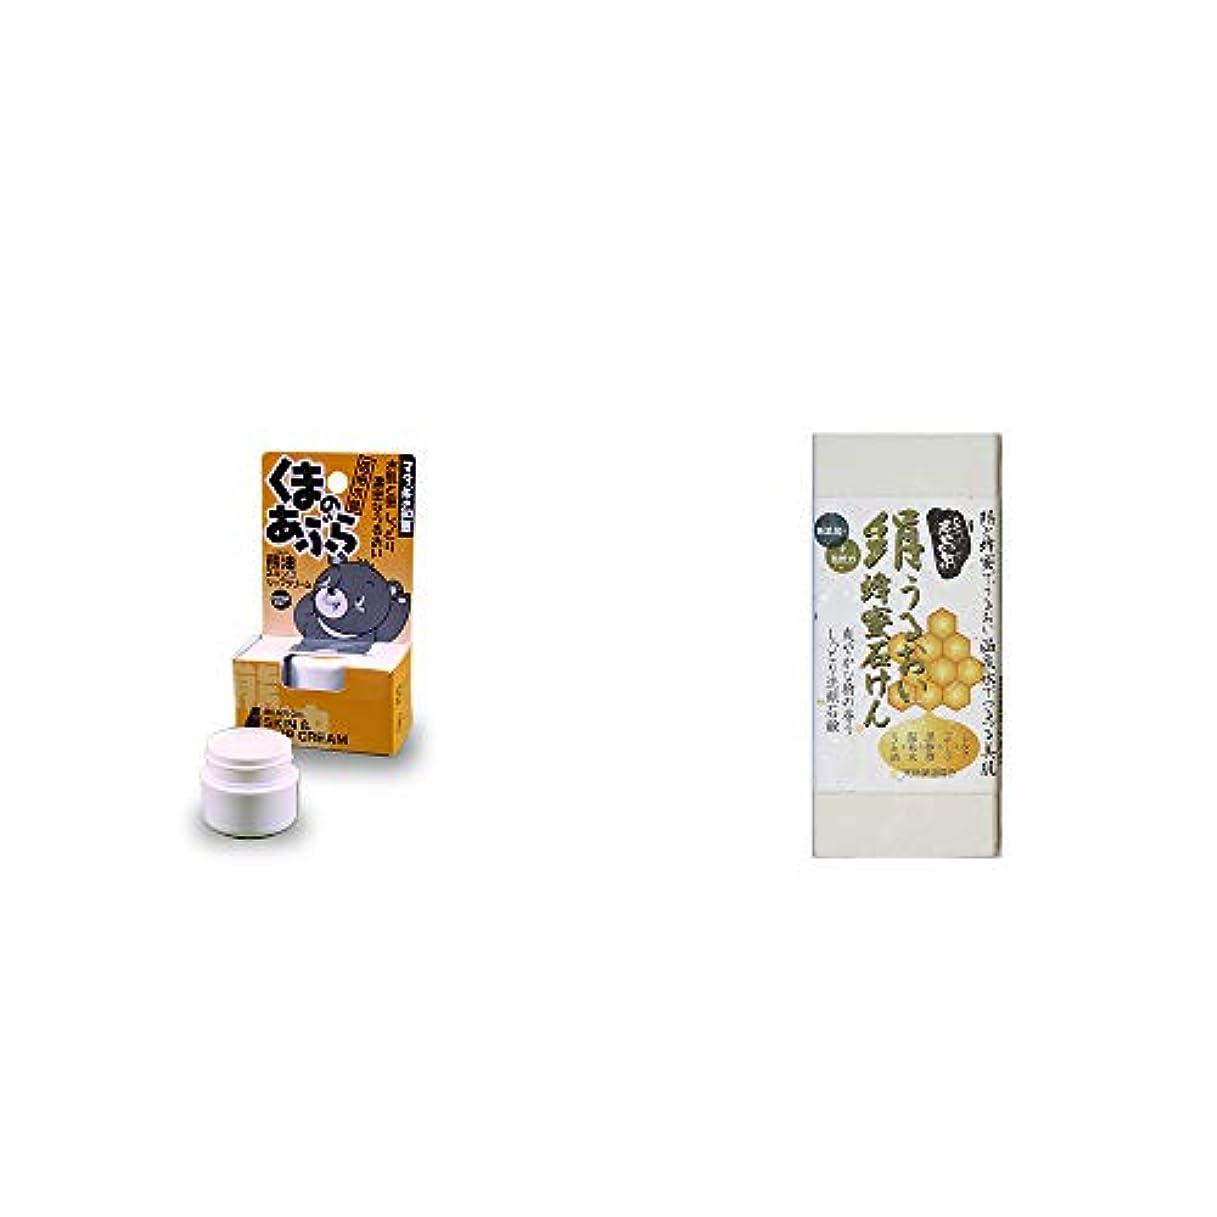 作る省略おめでとう[2点セット] 信州木曽 くまのあぶら 熊油スキン&リップクリーム(9g)?ひのき炭黒泉 絹うるおい蜂蜜石けん(75g×2)